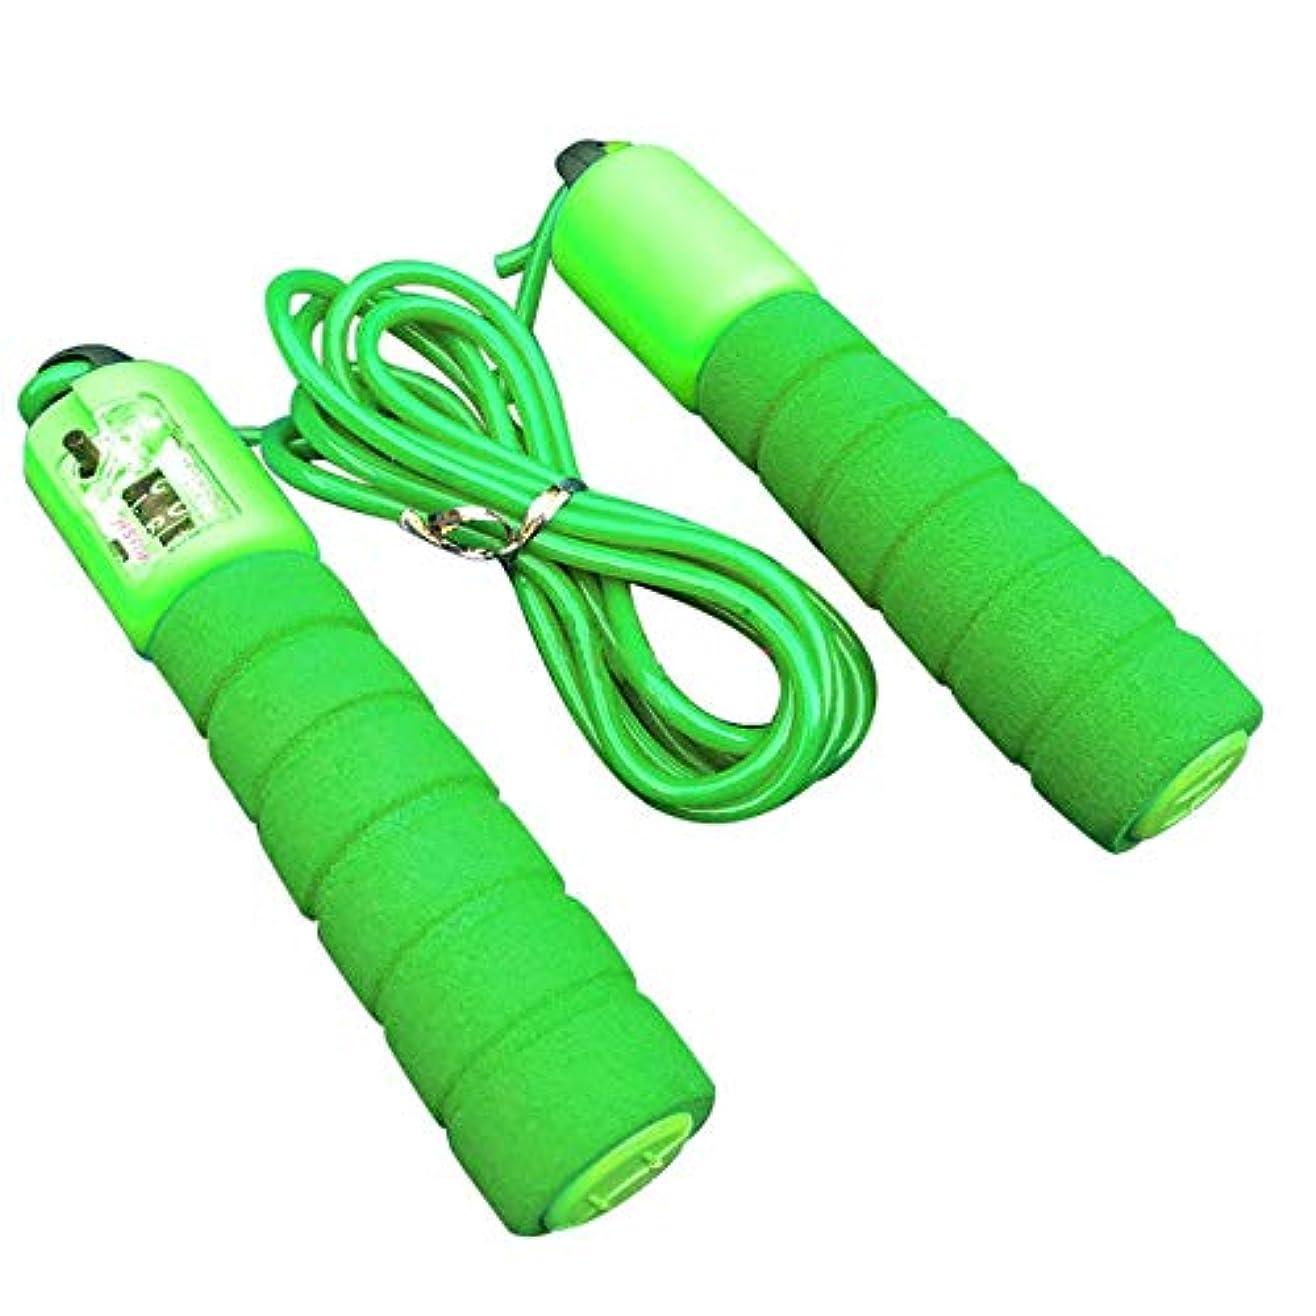 アナログポーン昼食調整可能なプロフェッショナルカウントスキップロープ自動カウントジャンプロープフィットネス運動高速カウントカウントジャンプロープ-グリーン